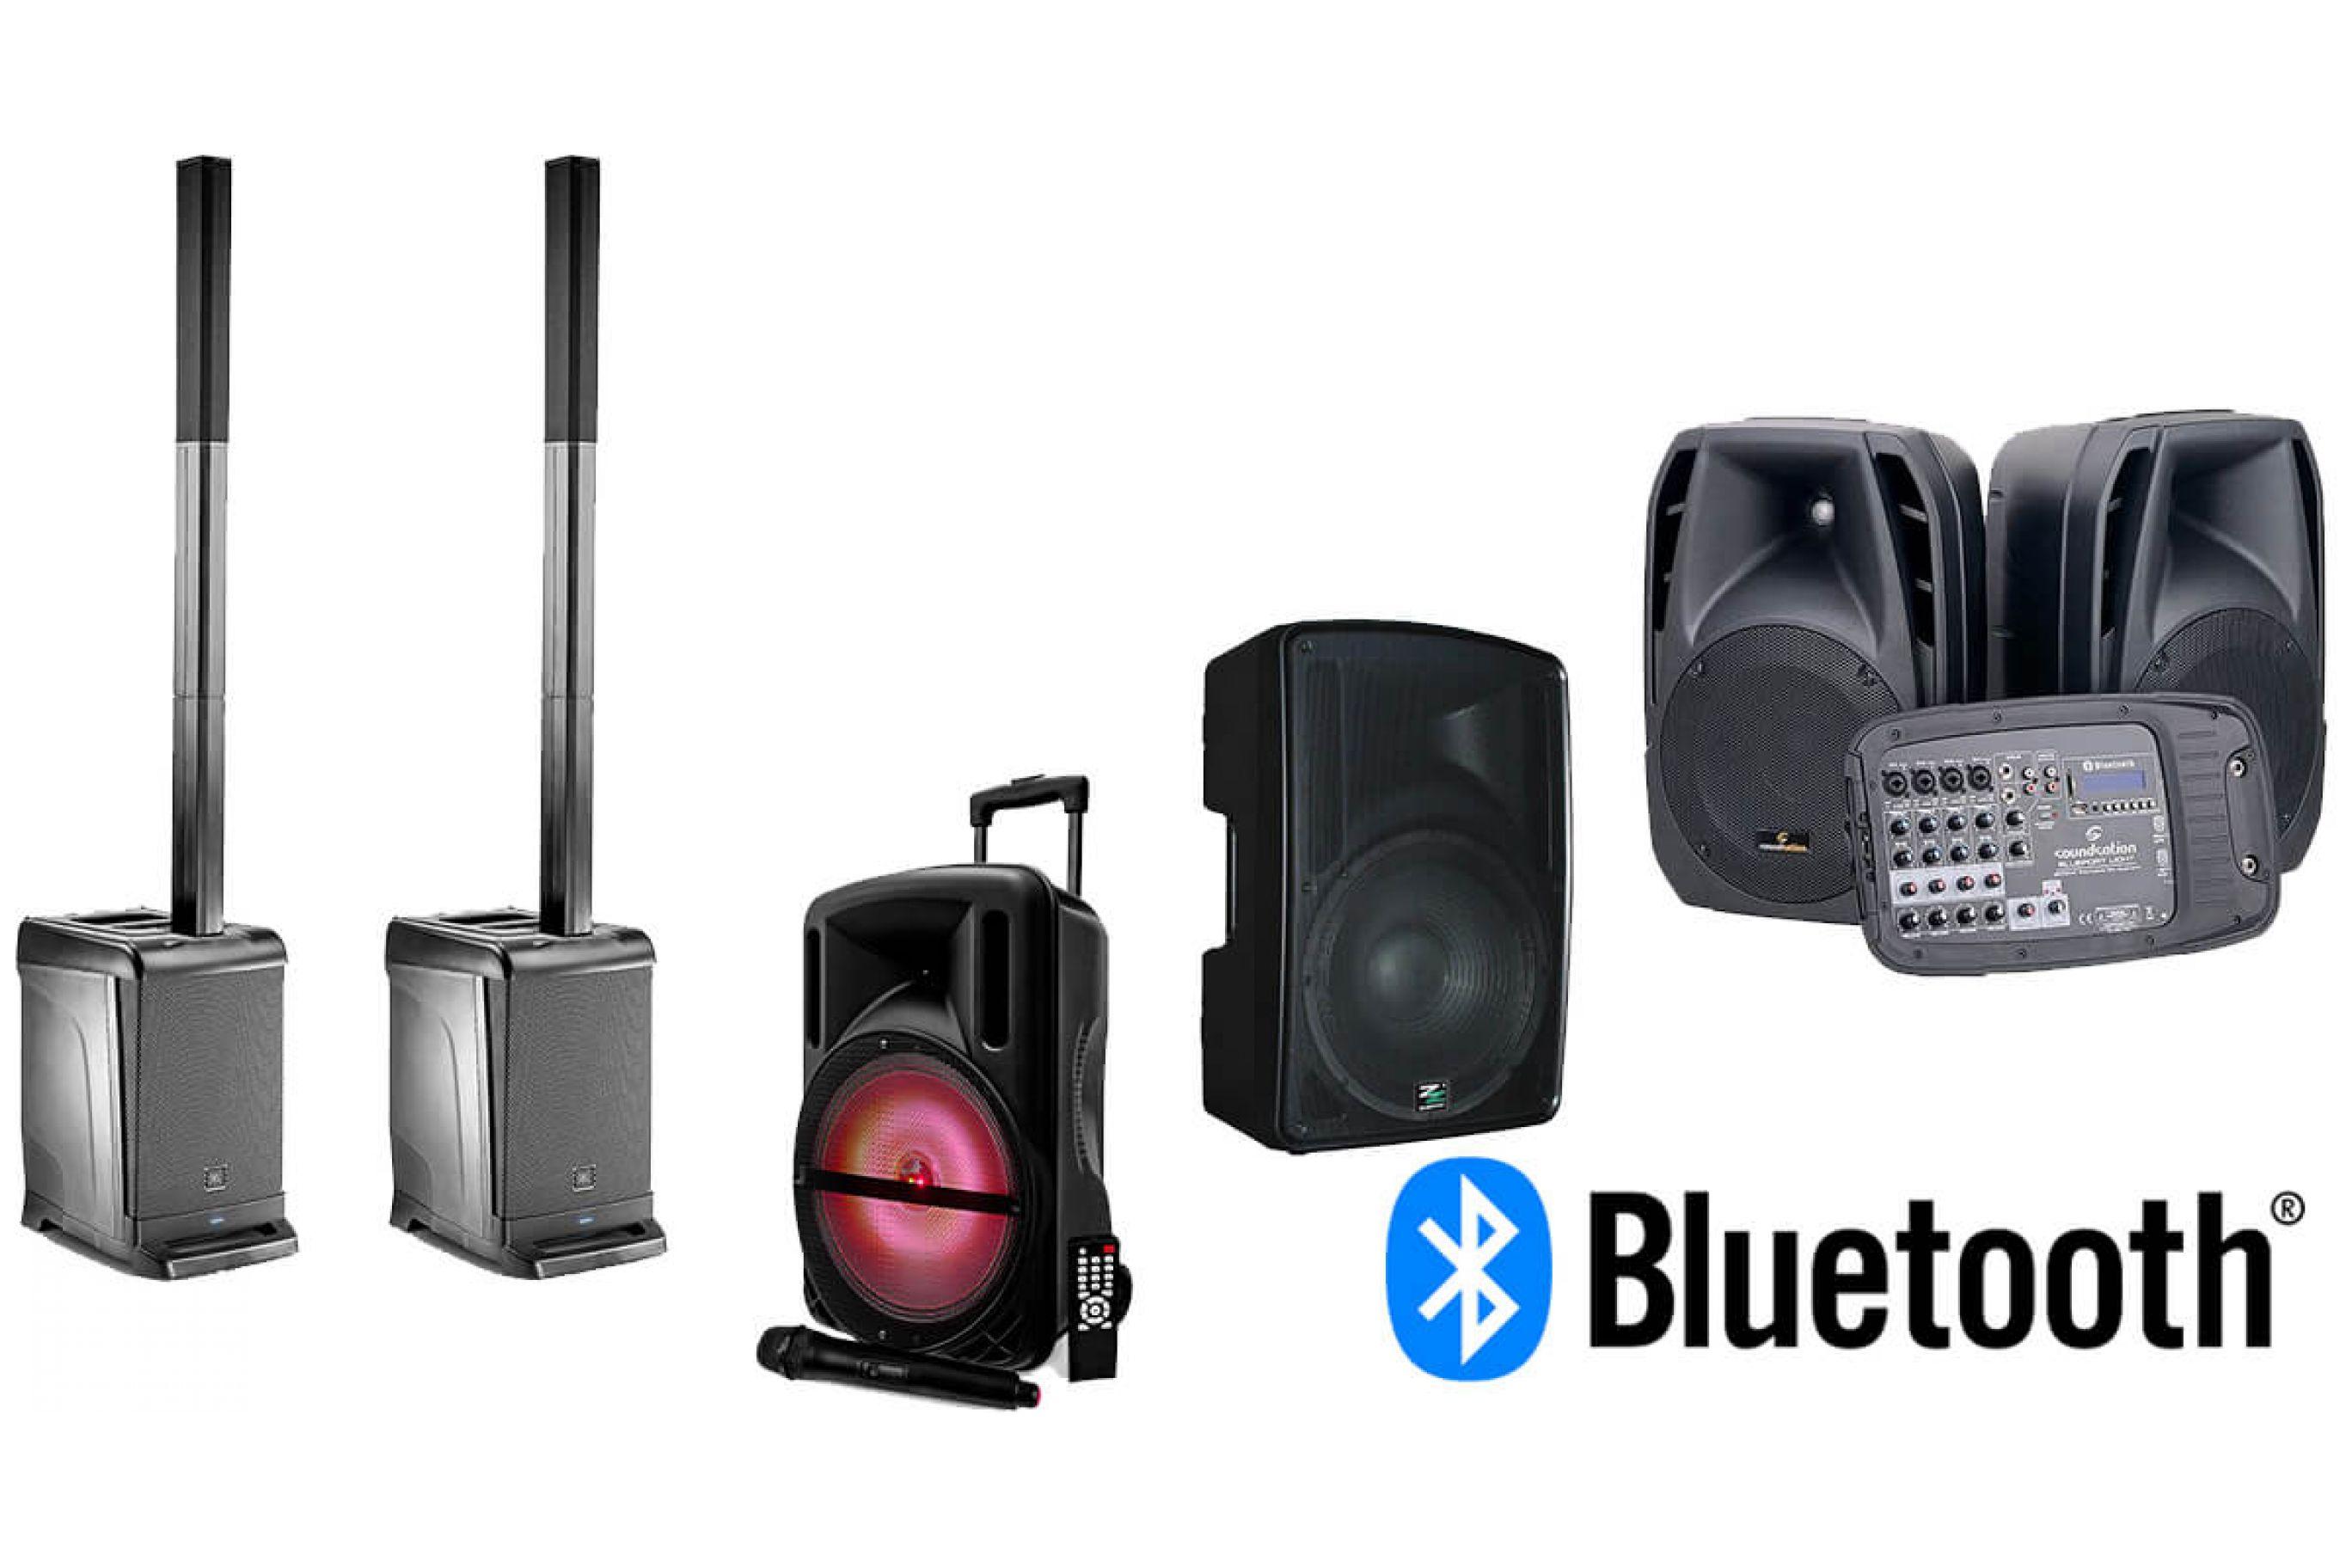 Le Casse bluetooth, MP3, Portatili e a Batteria le migliori: Recensioni e opinioni classifica 2020